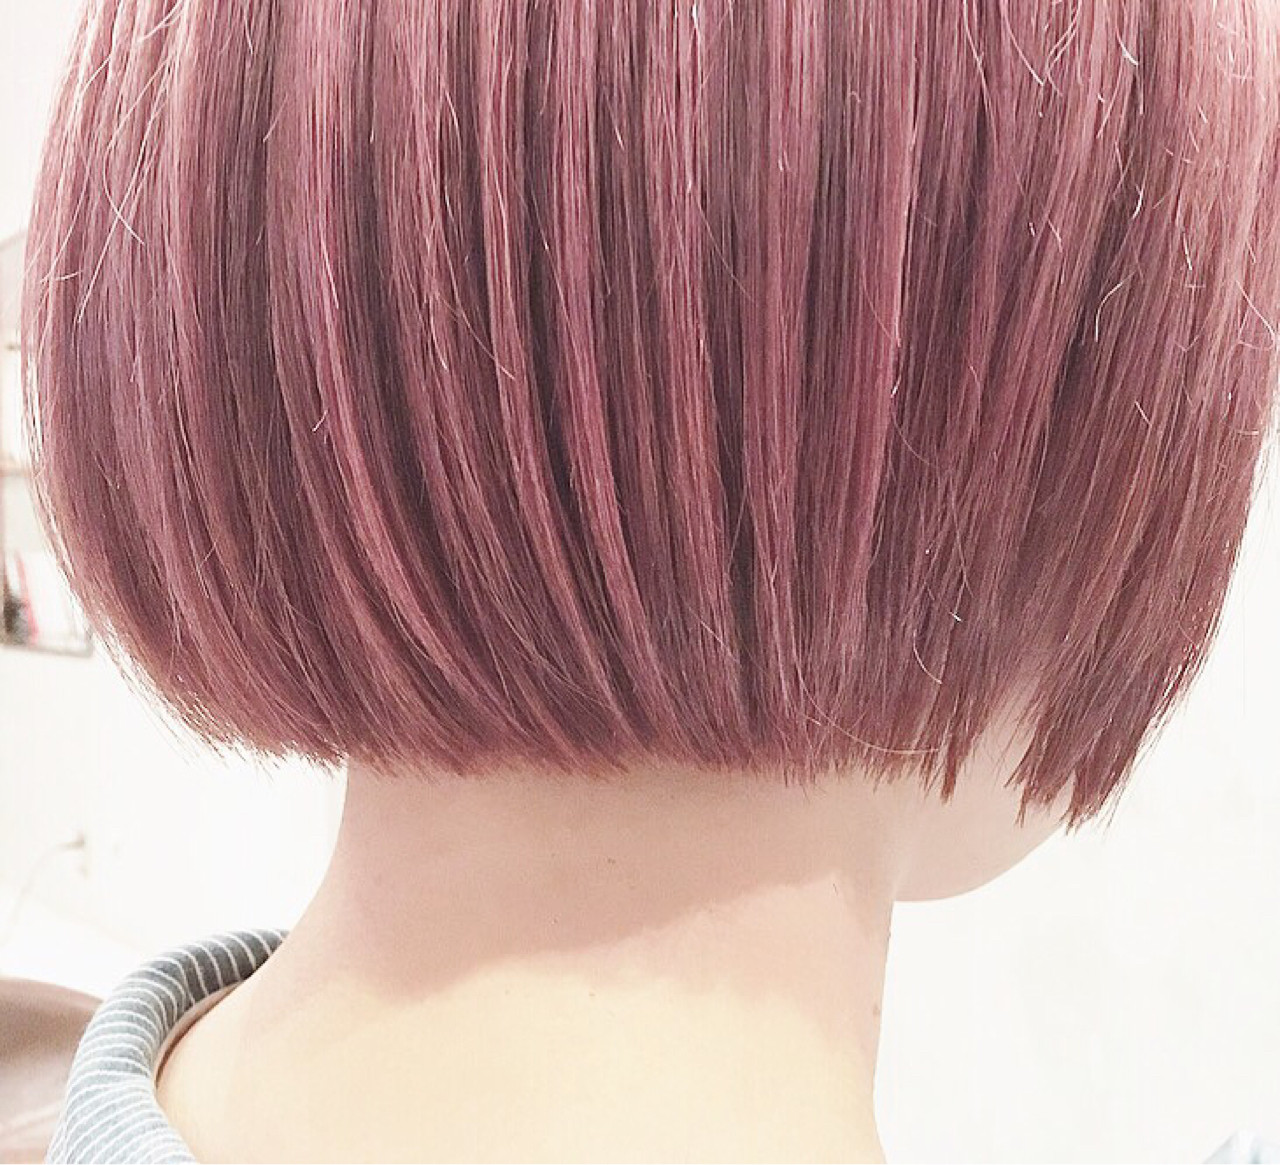 ブリーチ後にピンクバイオレットを。ダブルカラーだと発色と透明感が増します。